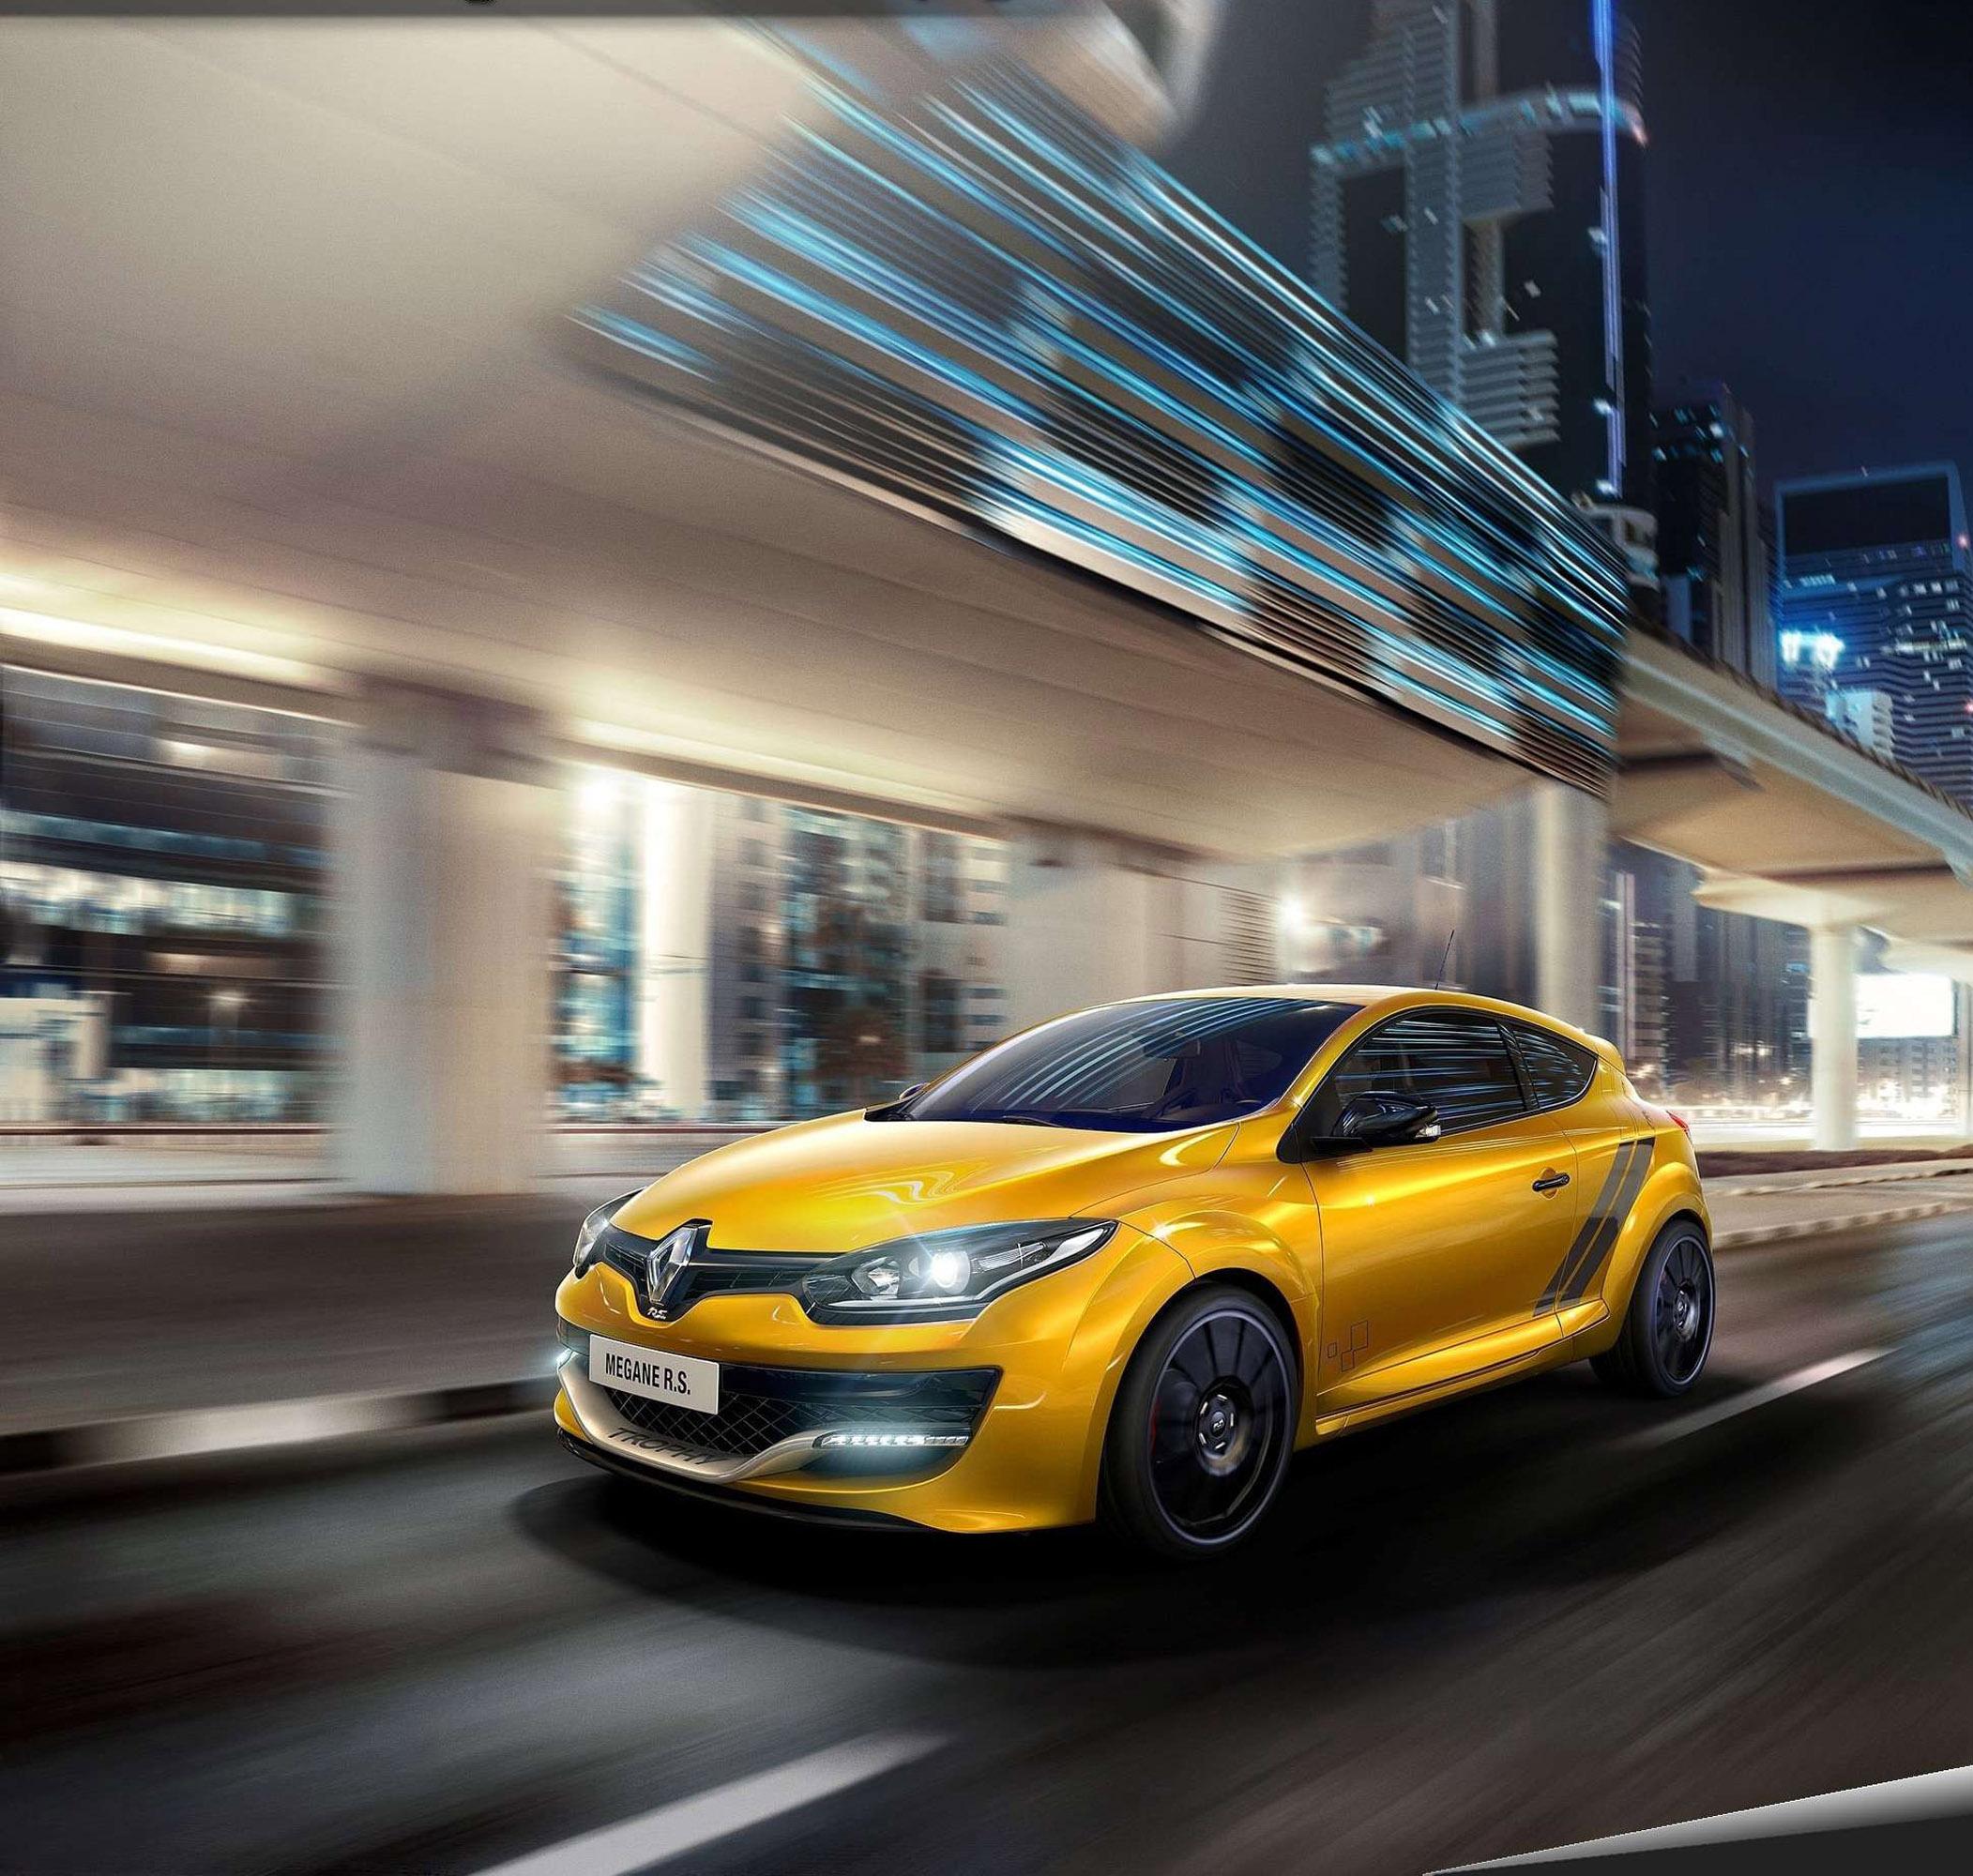 Proton Car Wallpaper: 2012 BMW F10 M5 Saloon UK